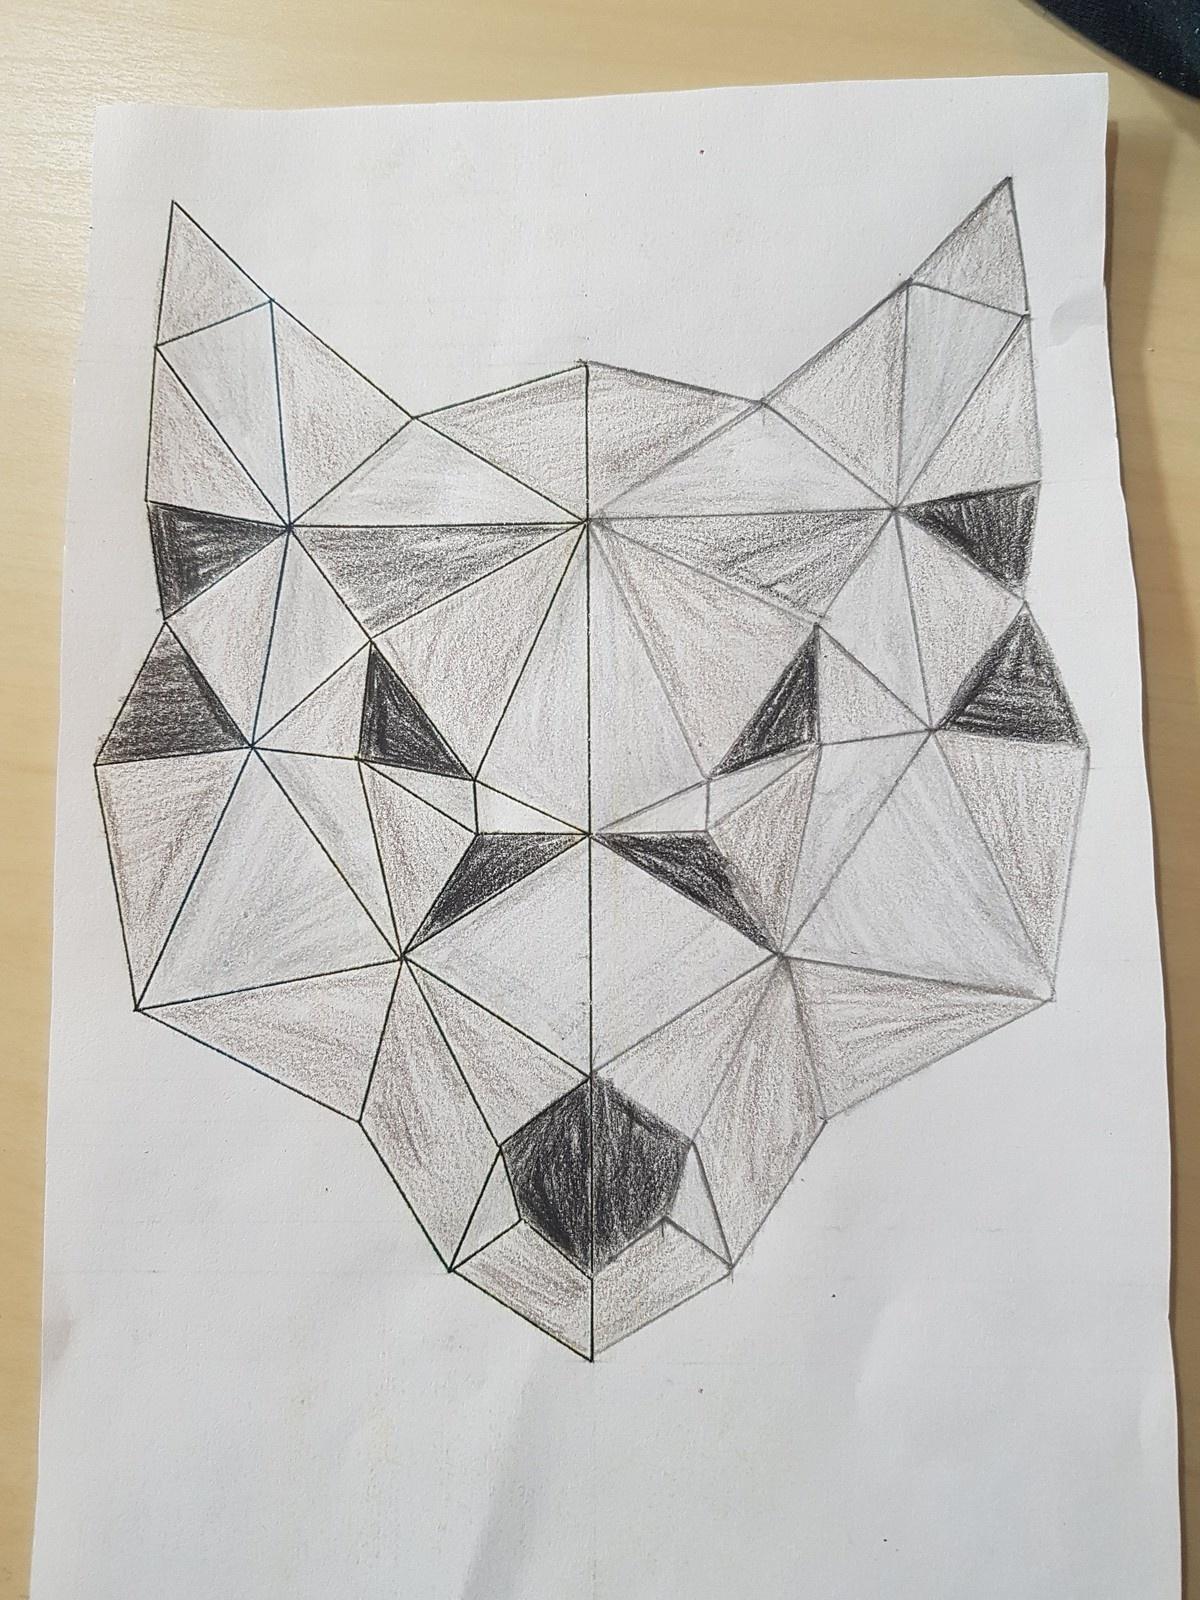 Croc Blanc - Les Ateliers De Cathy destiné Arts Visuels Symétrie